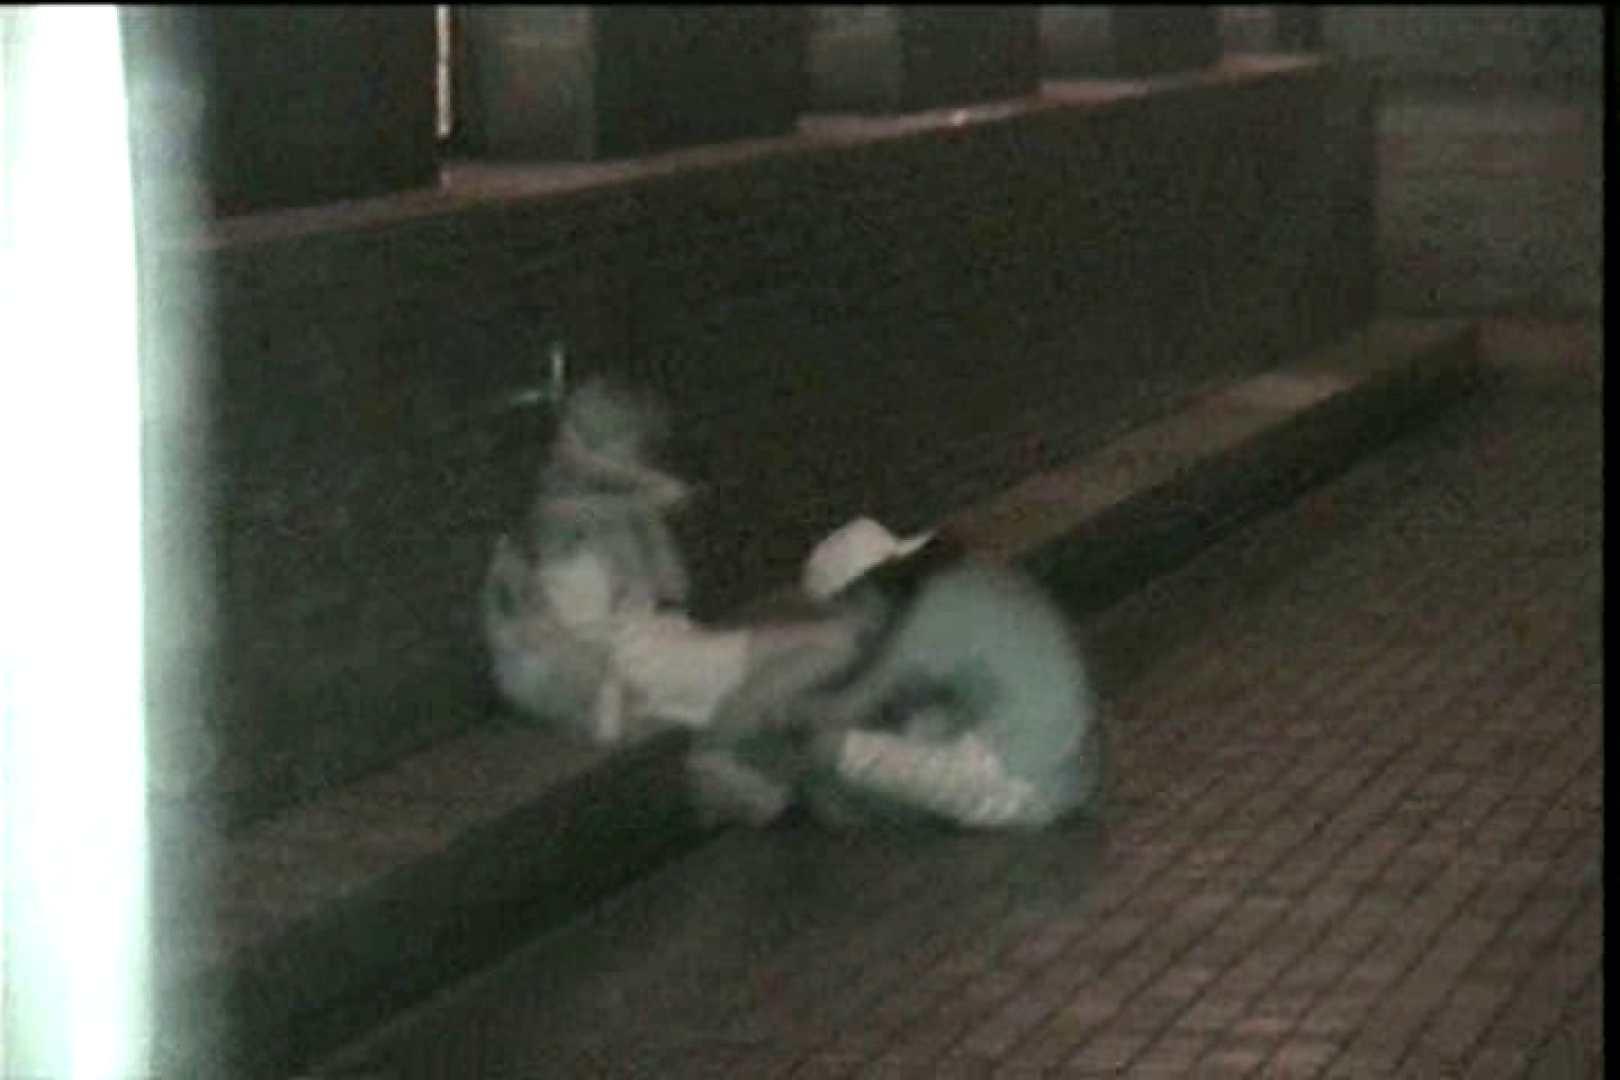 闇の仕掛け人 無修正版 Vol.19 美しいOLの裸体 アダルト動画キャプチャ 106pic 8